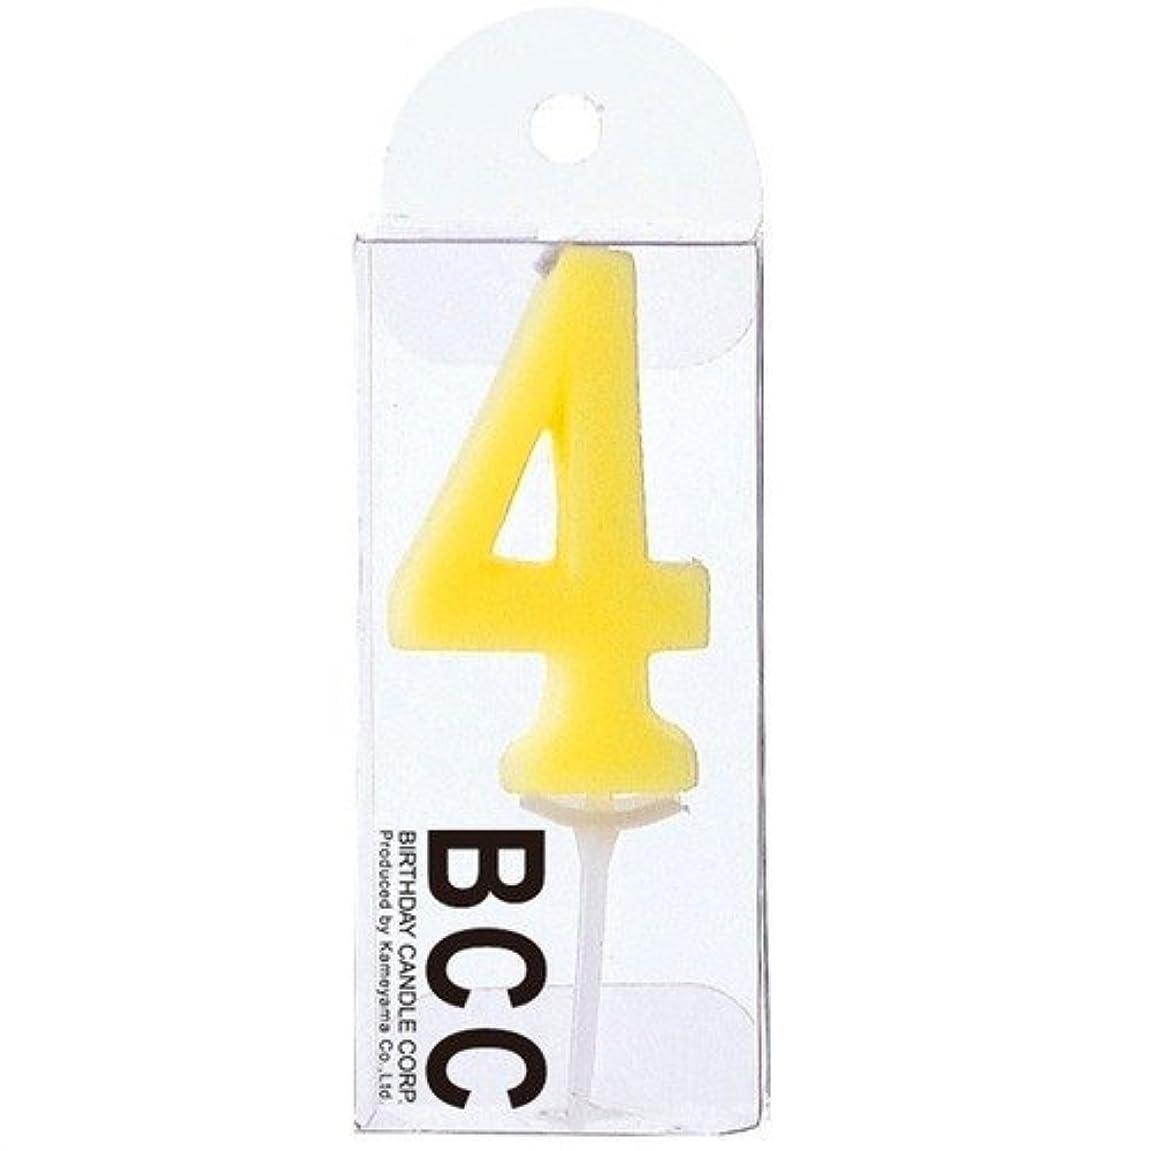 官僚評価可能三角ナンバーキャンドルパステル4番 「 アイボリー 」 3個セット